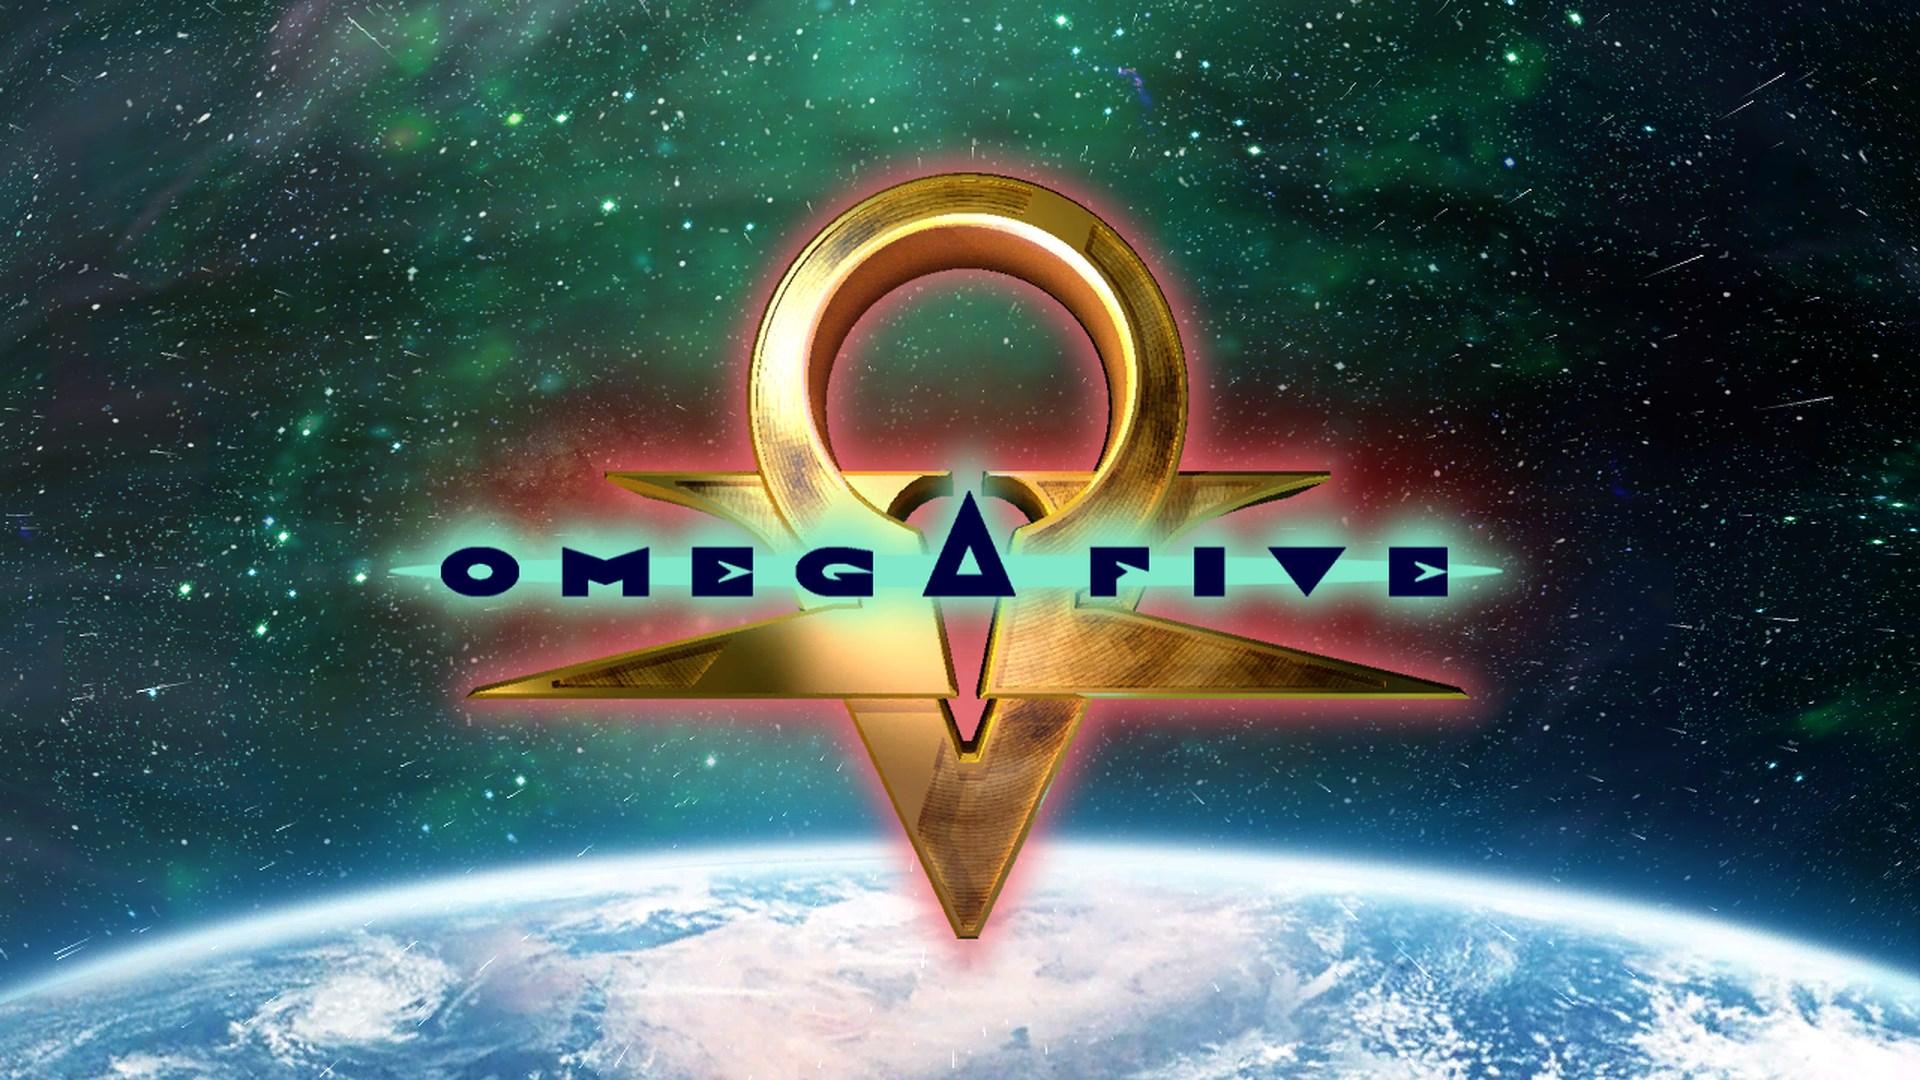 OmegaFive